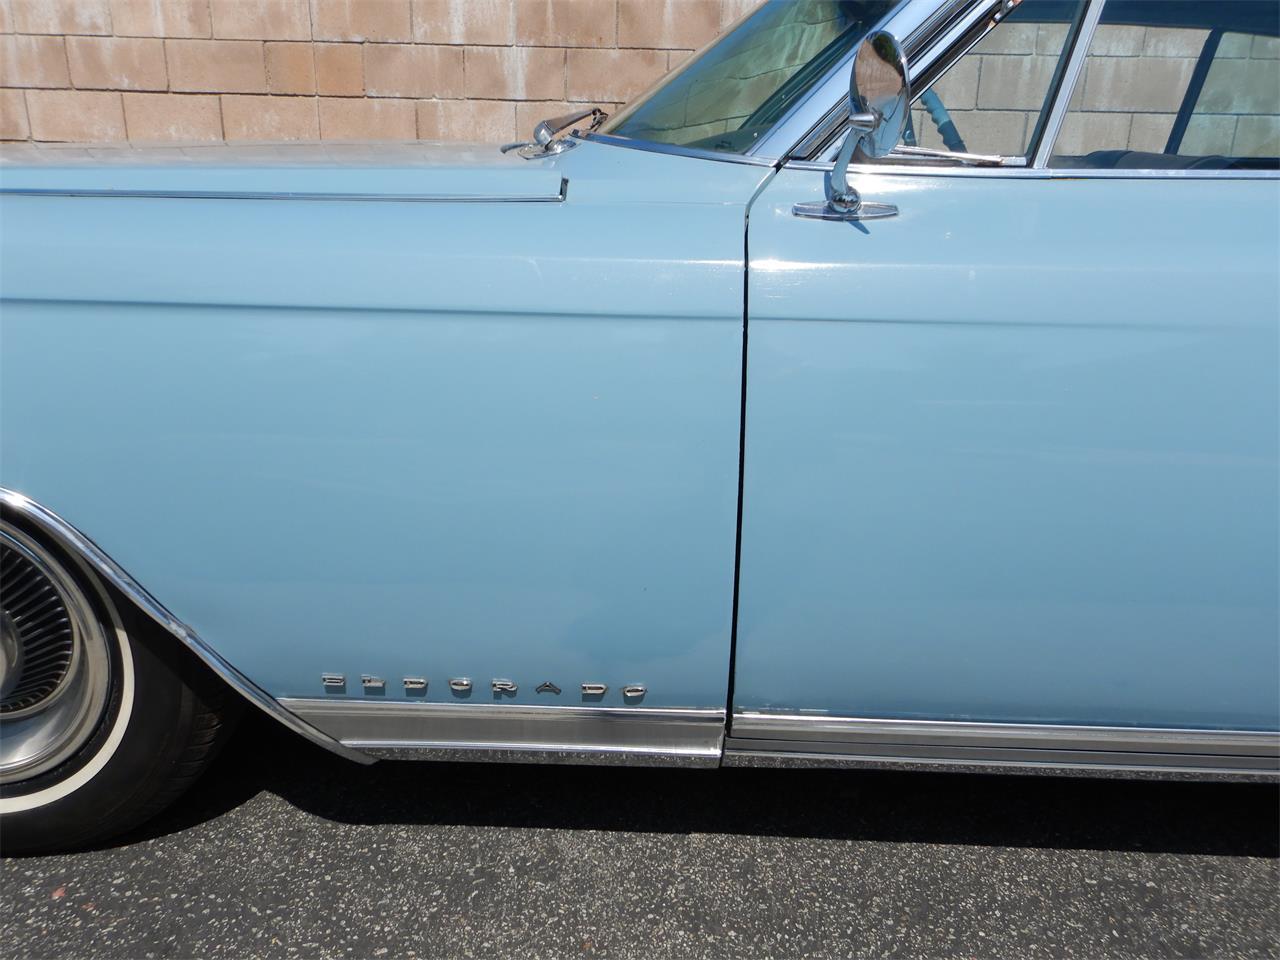 Large Picture of 1964 Cadillac Eldorado Biarritz located in California - $28,500.00 - QBJQ